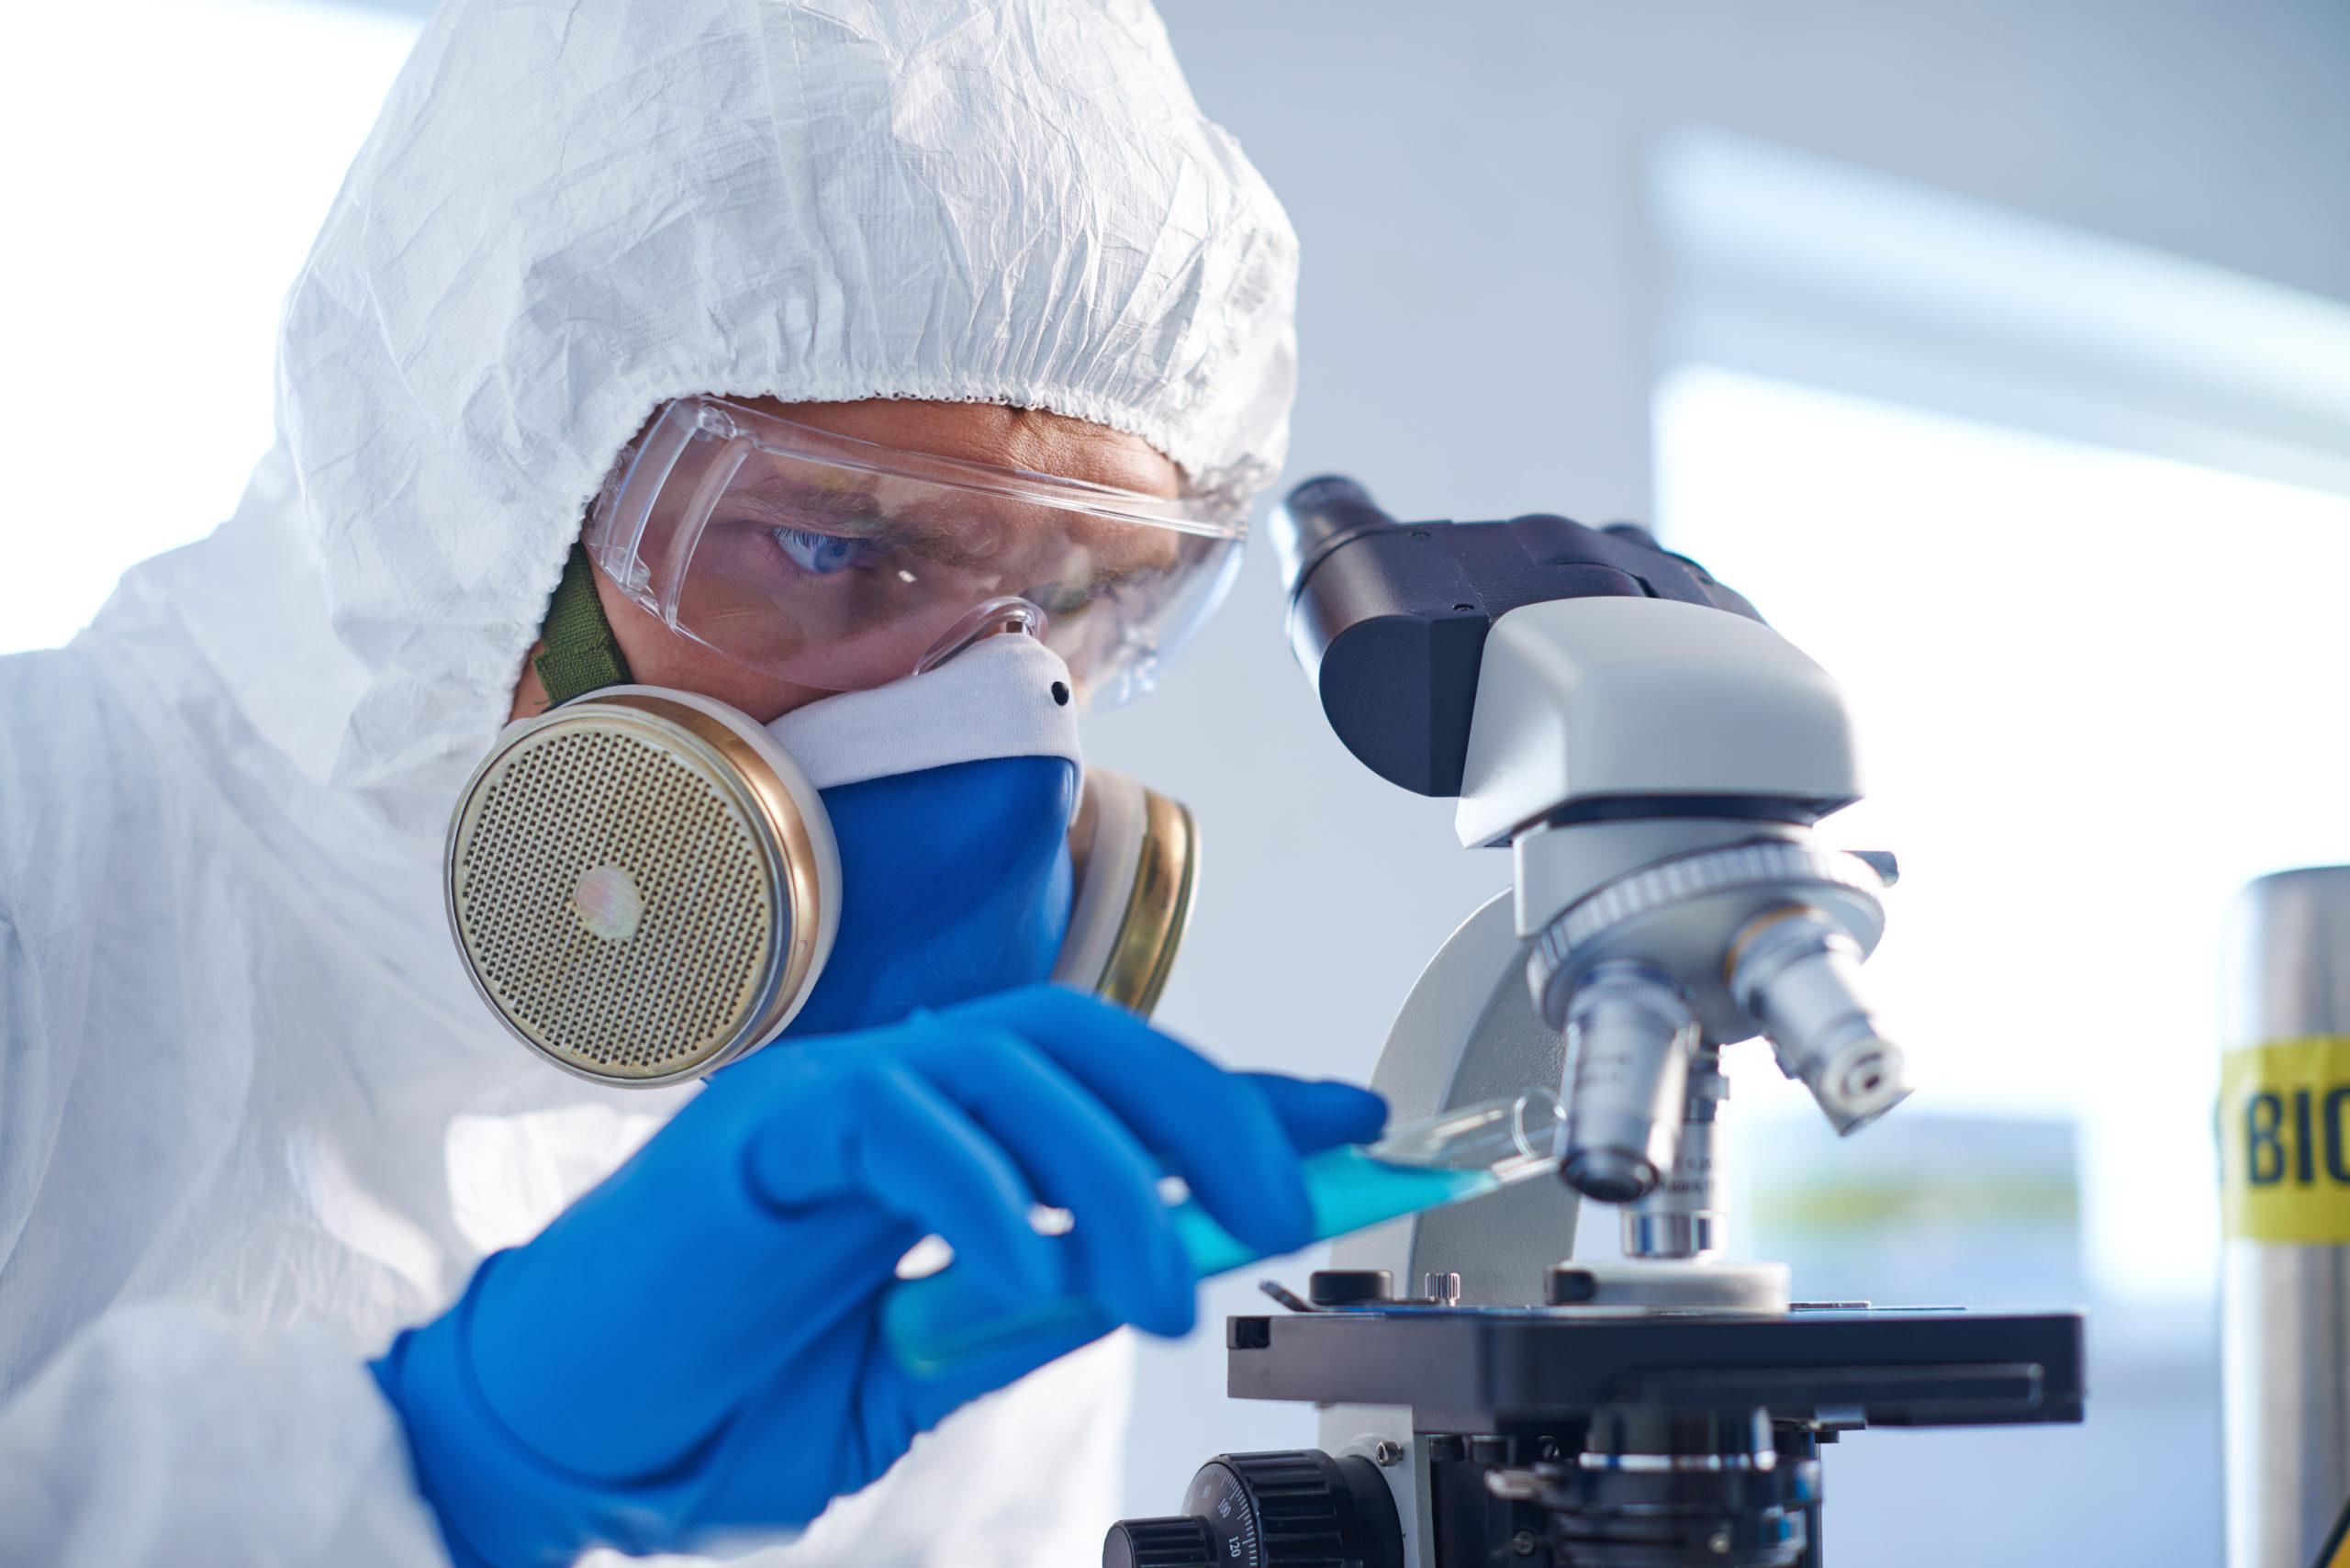 Naukowcy dementują: koronawirus nie pochodzi z laboratorium. Uczeni przewidzieli epidemię